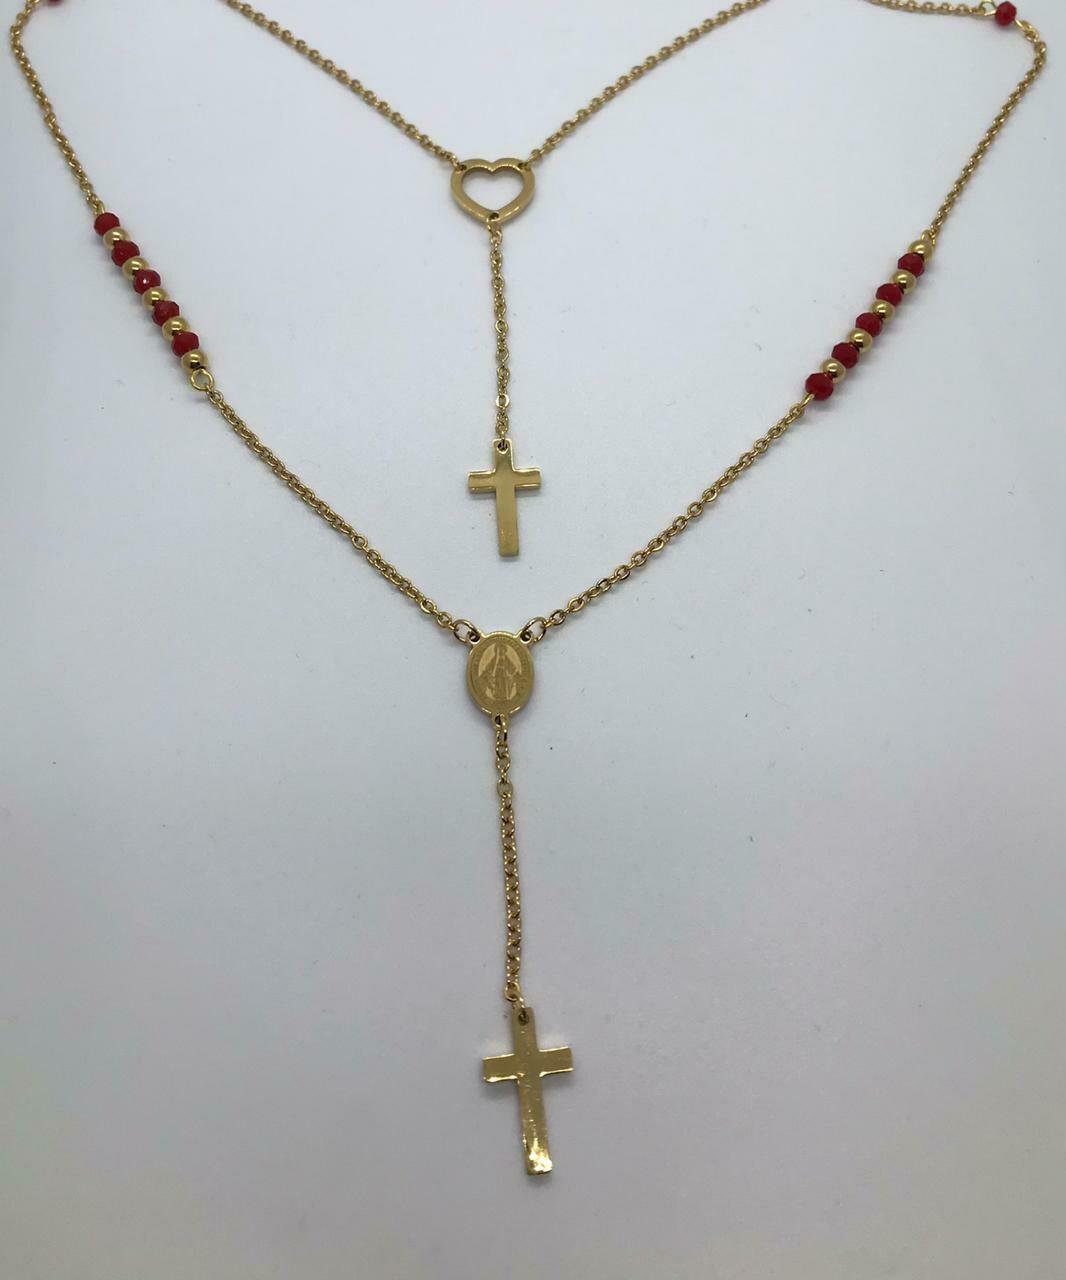 Collar de Acero  - Dorado -  Piedras Swarosky rojas sintéticas.